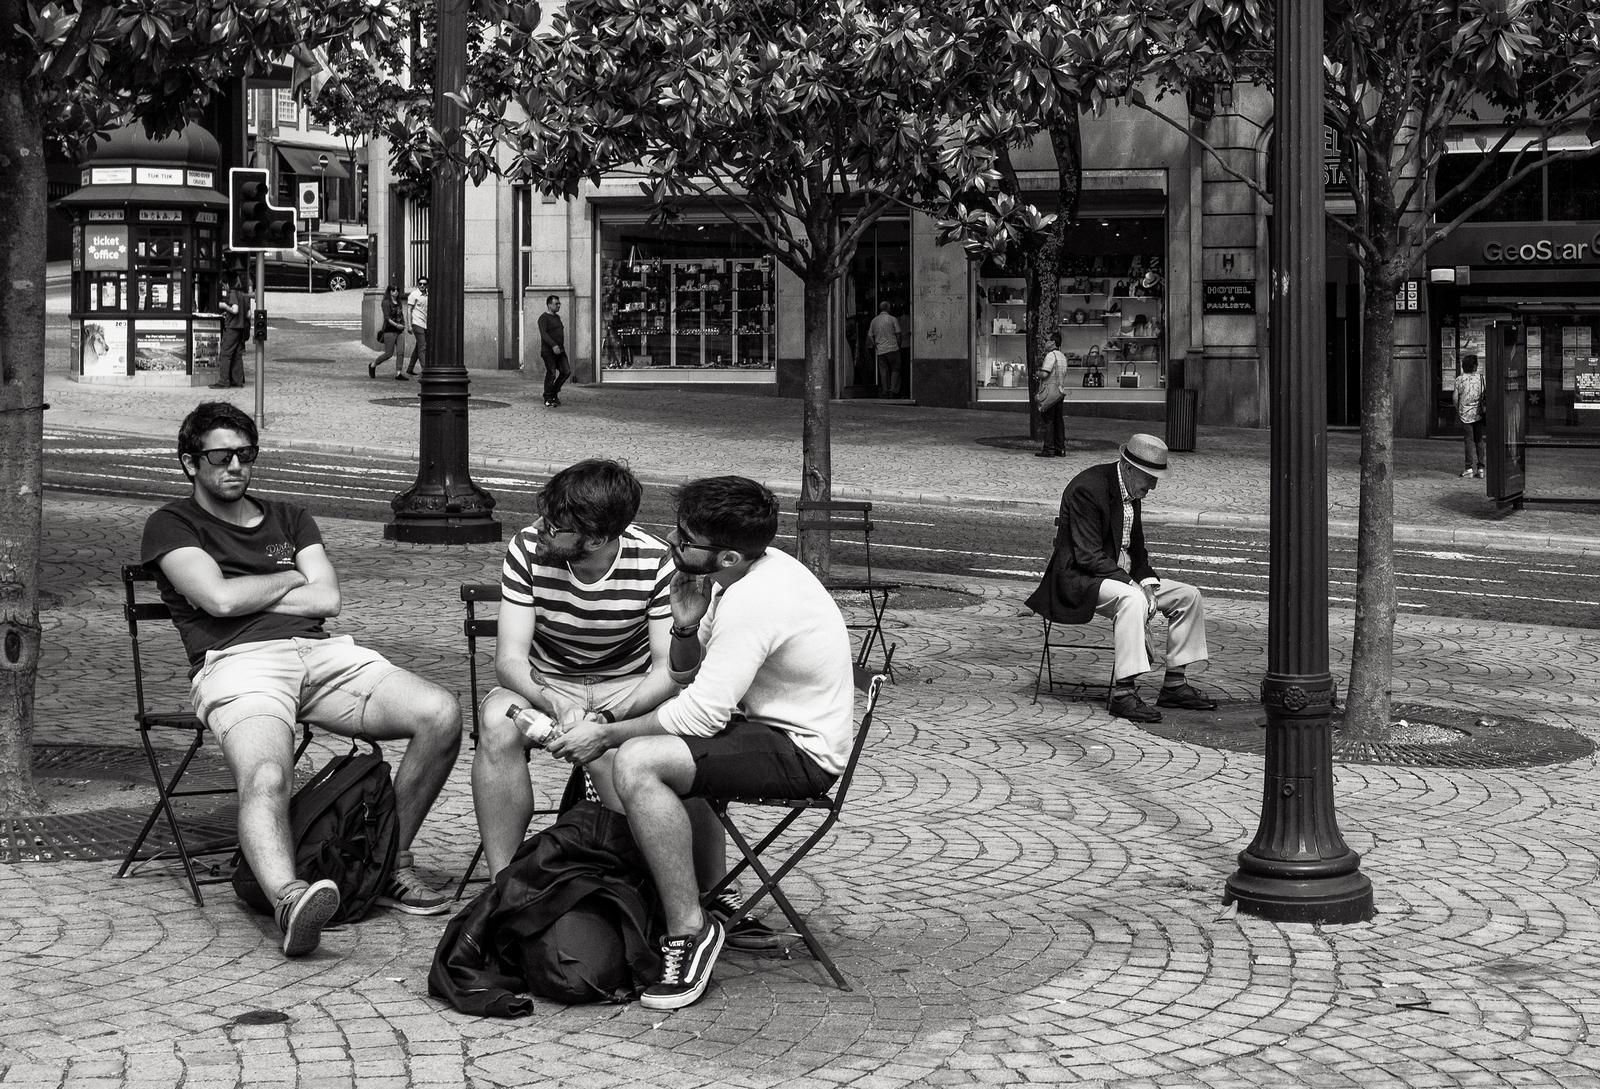 Streetfotografie – die neue Gruppe in unserem Verein